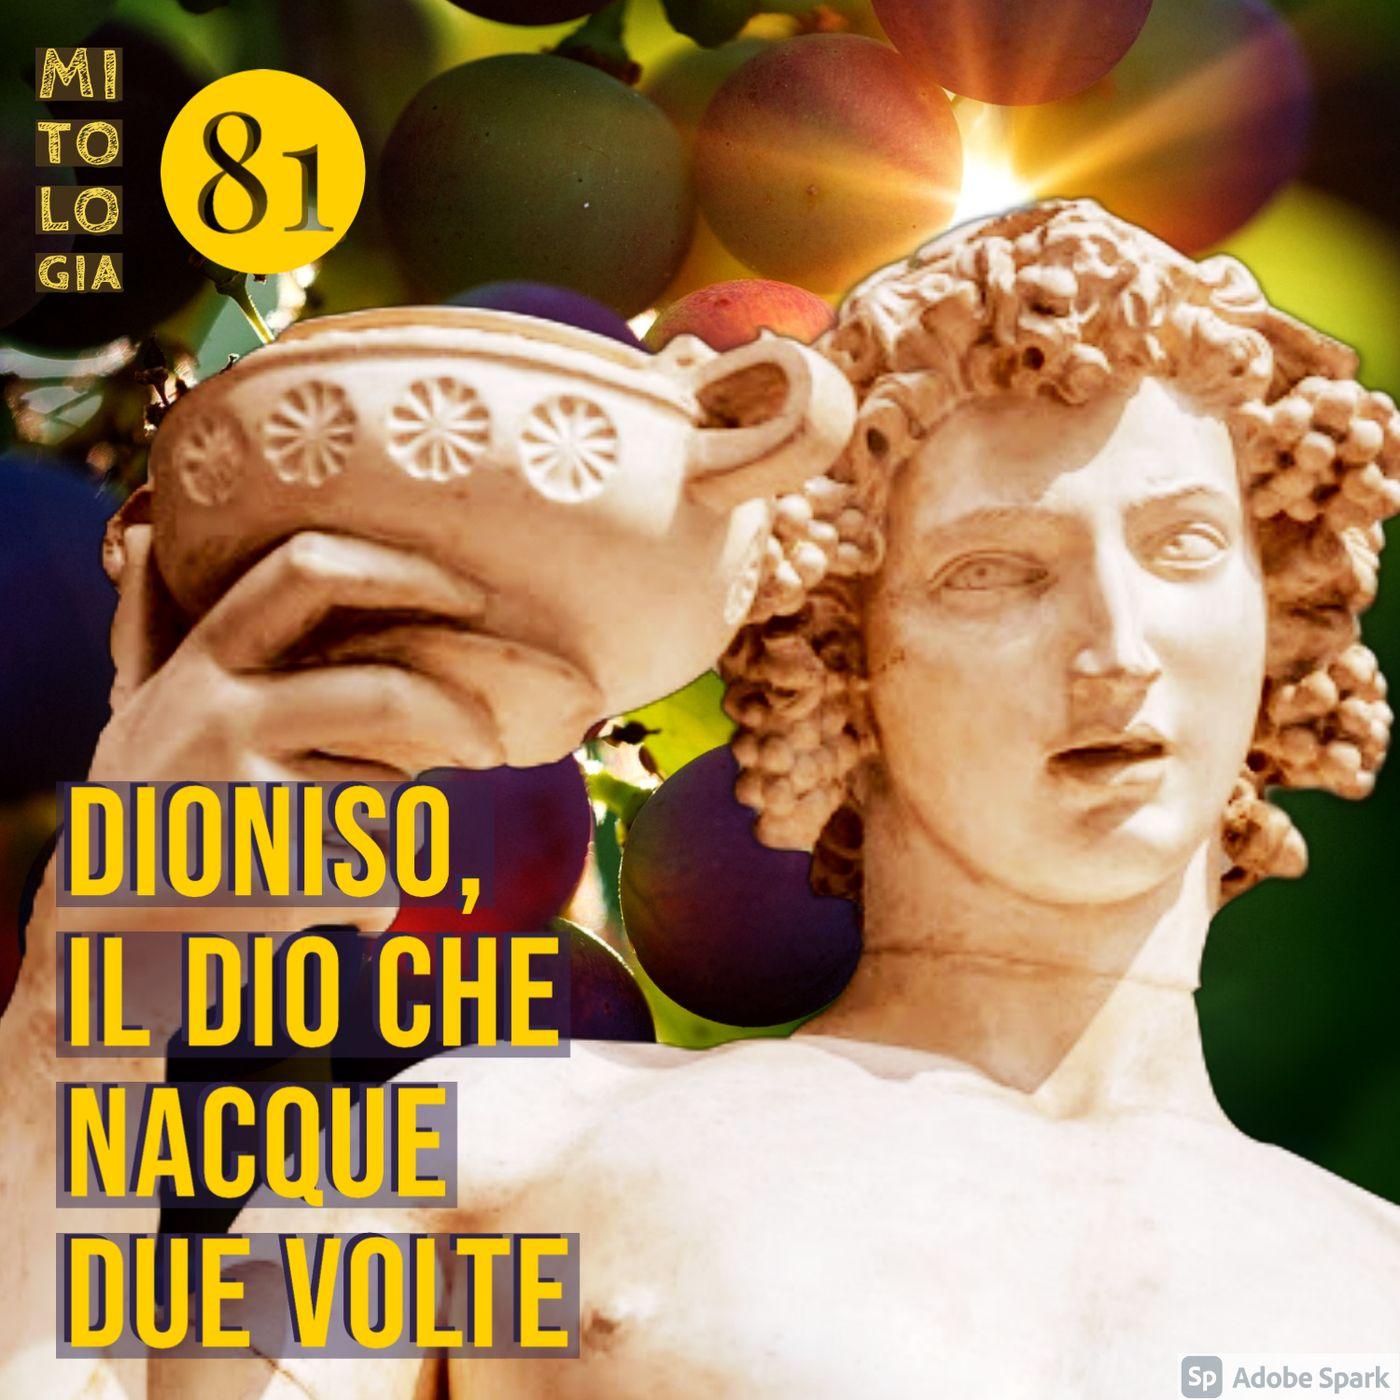 Dioniso, il dio che nacque due volte